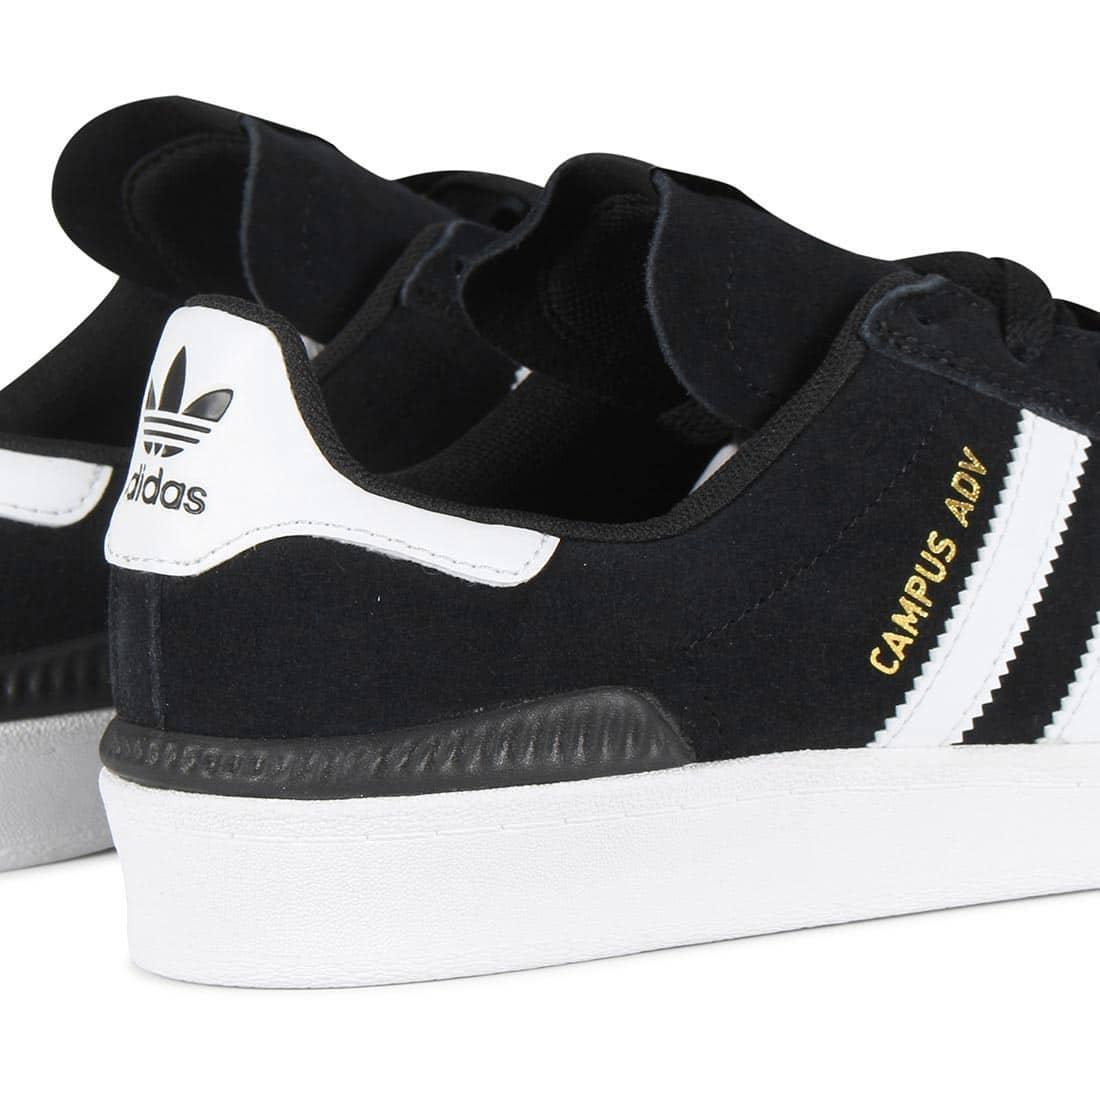 finest selection 5da90 07dd3 Adidas Campus ADV Shoes - Core Black / White / White